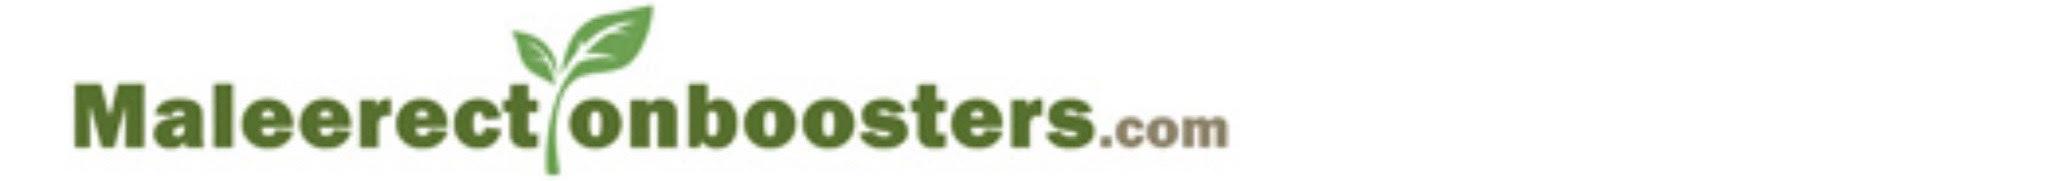 MaleErectionBoosters